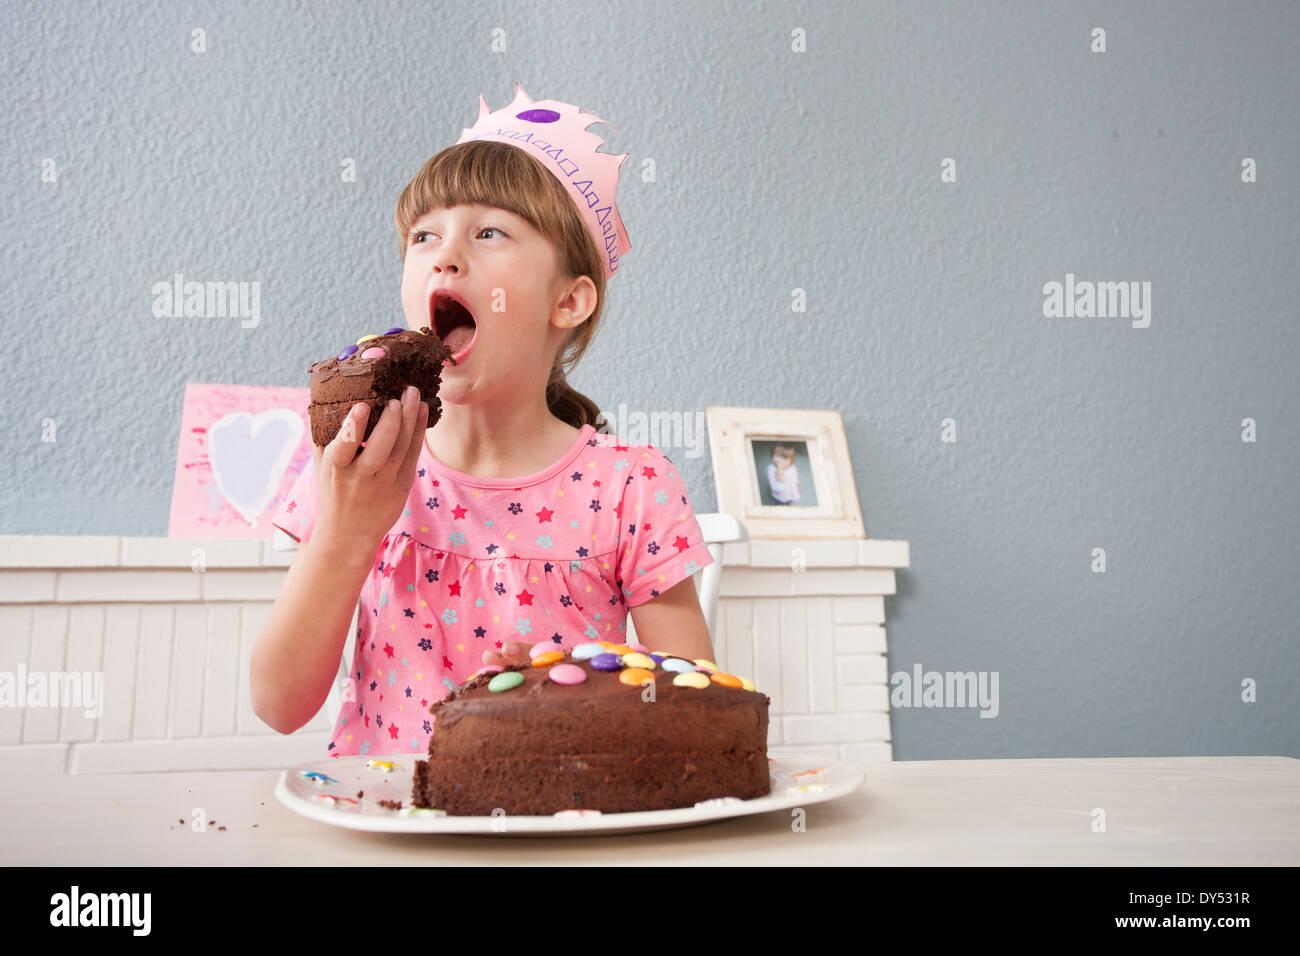 Ragazza di mangiare la sua torta di compleanno Immagini Stock